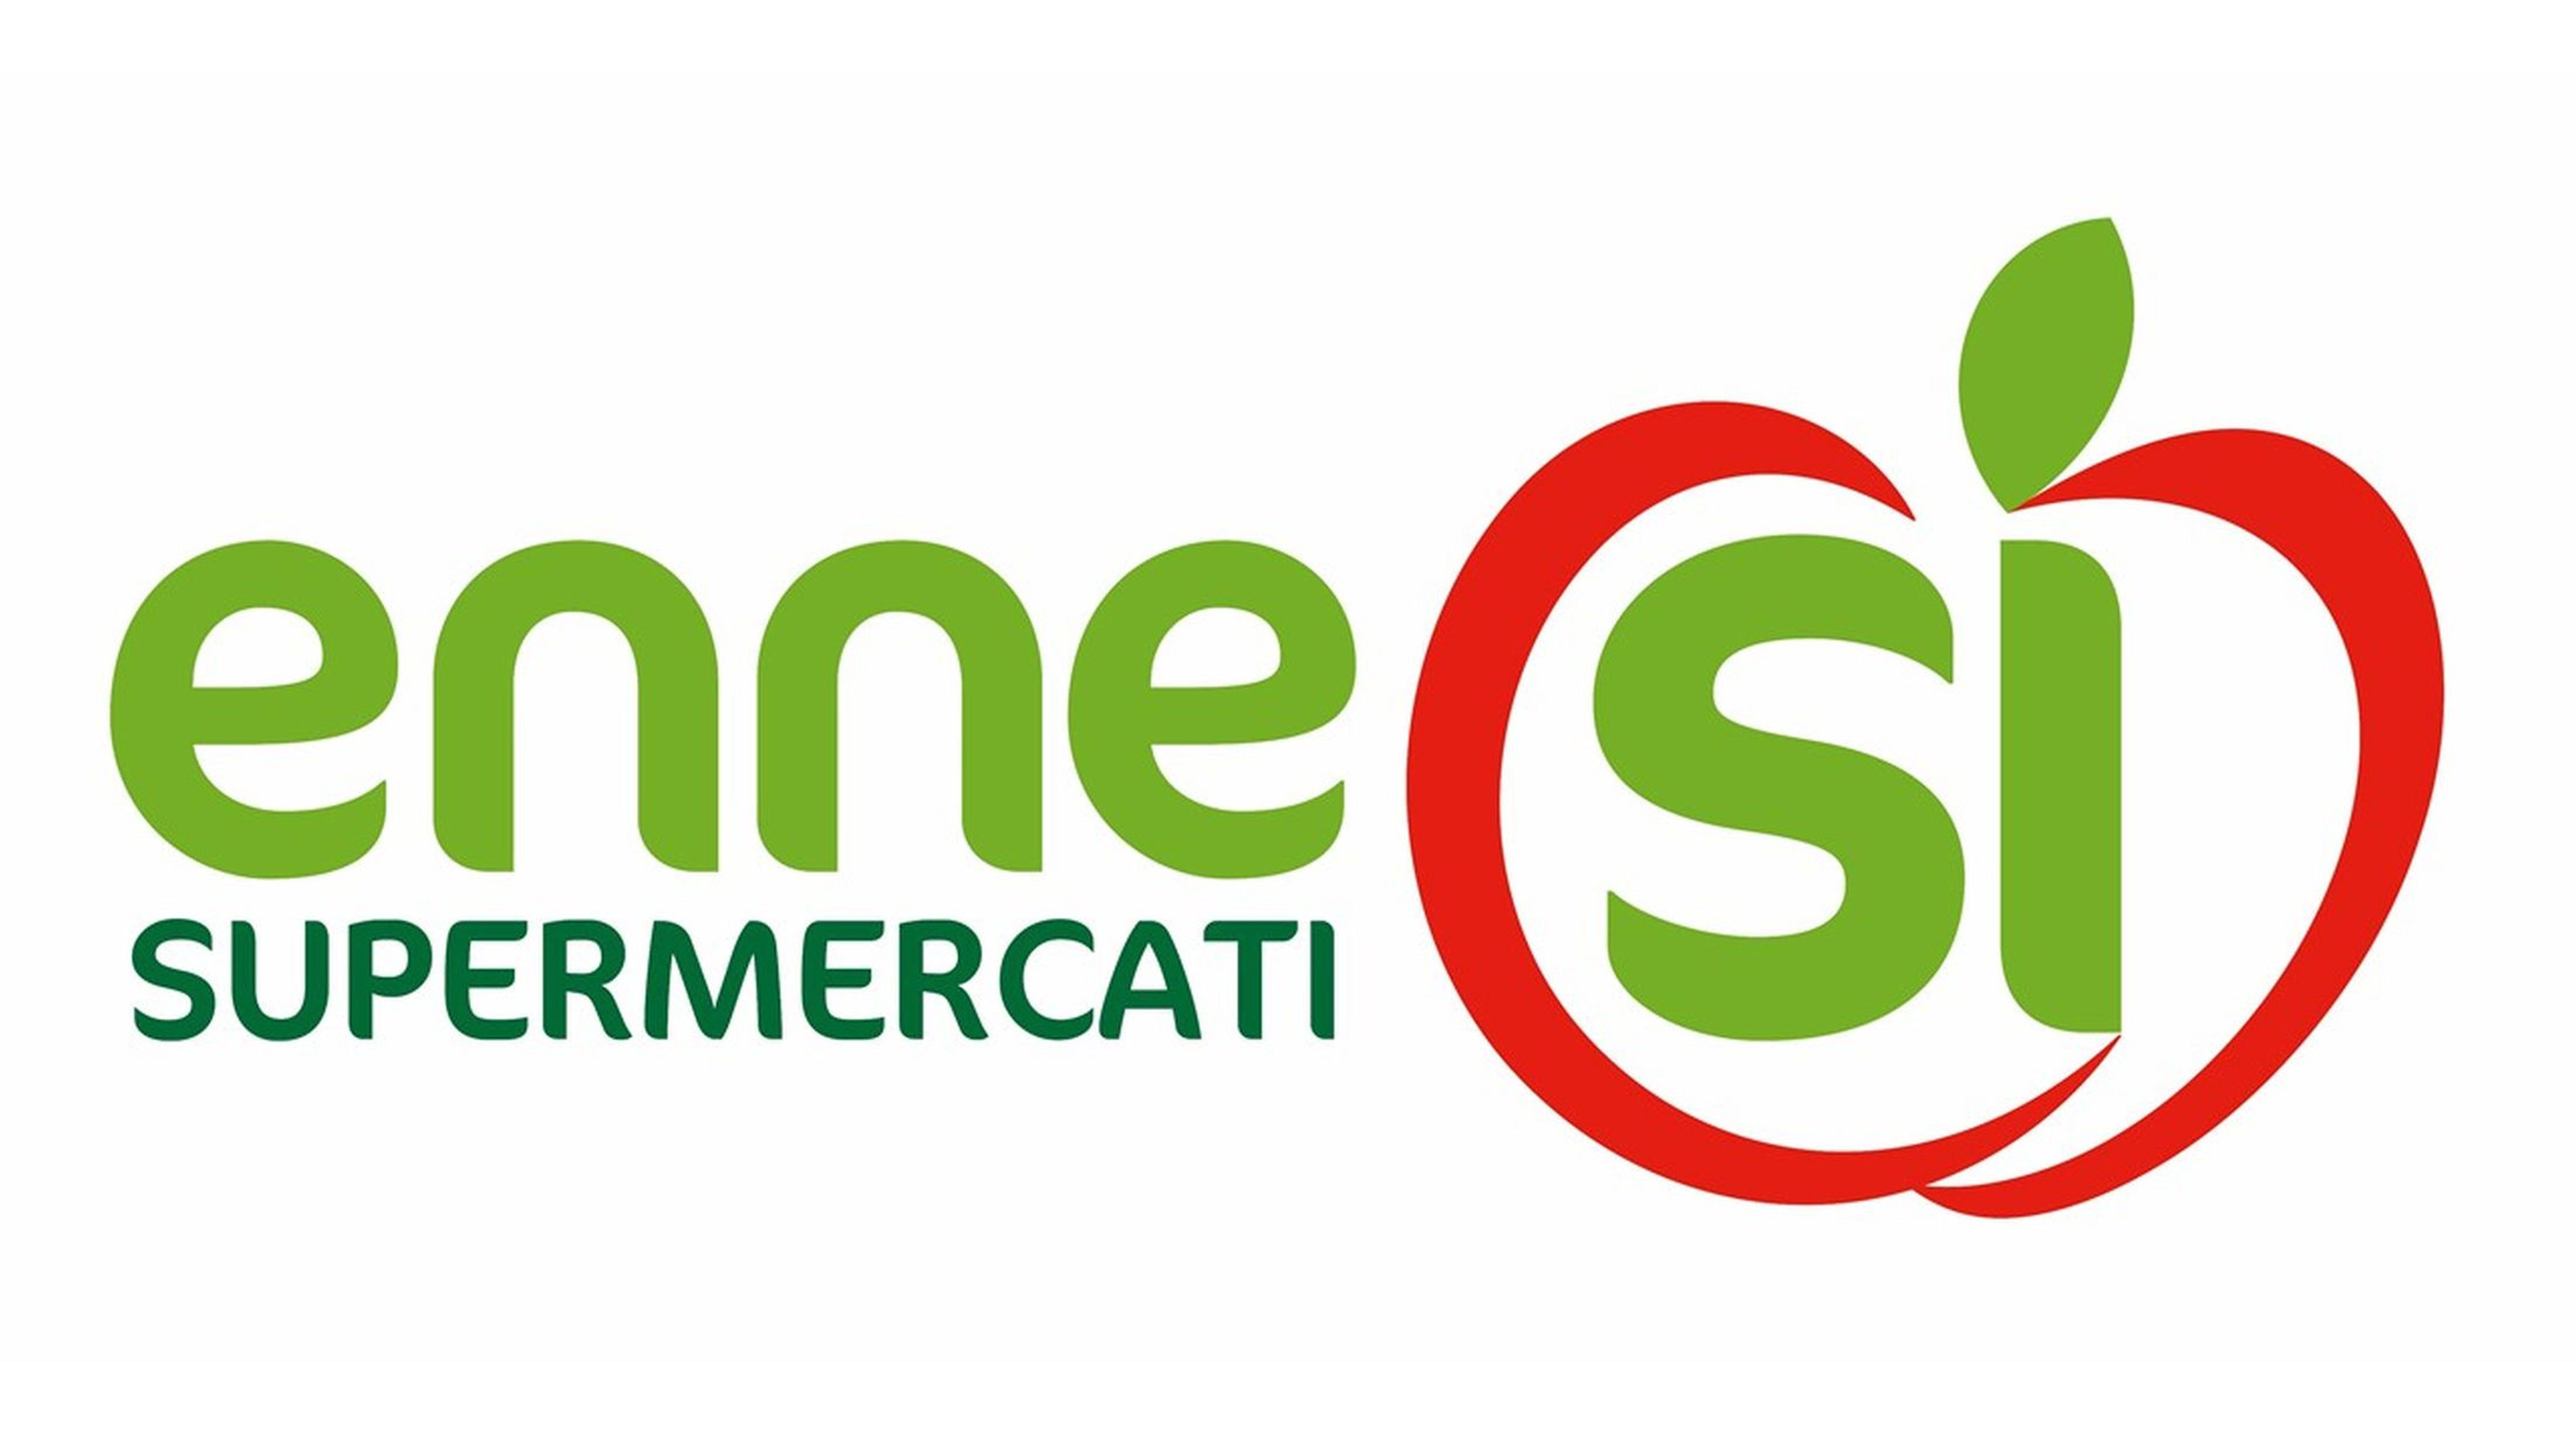 Logo enne supermercati sì GDO (Grande Distribuzione Organizzata)